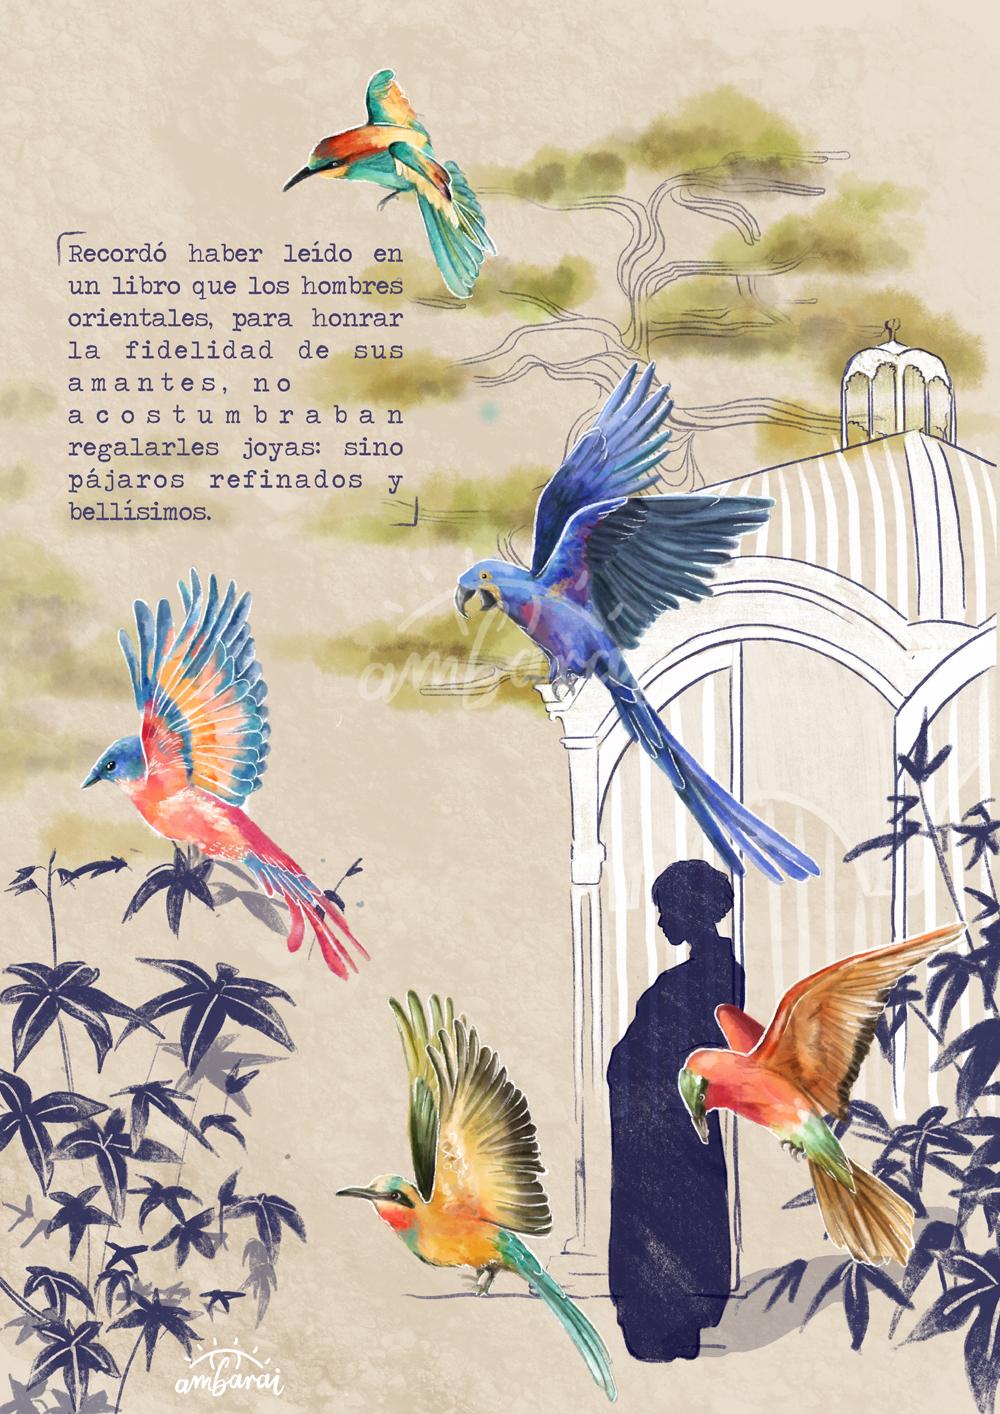 Ilustración por encargo. Pájaros saliendo de una jaula. Inspirado en el libro Seda.